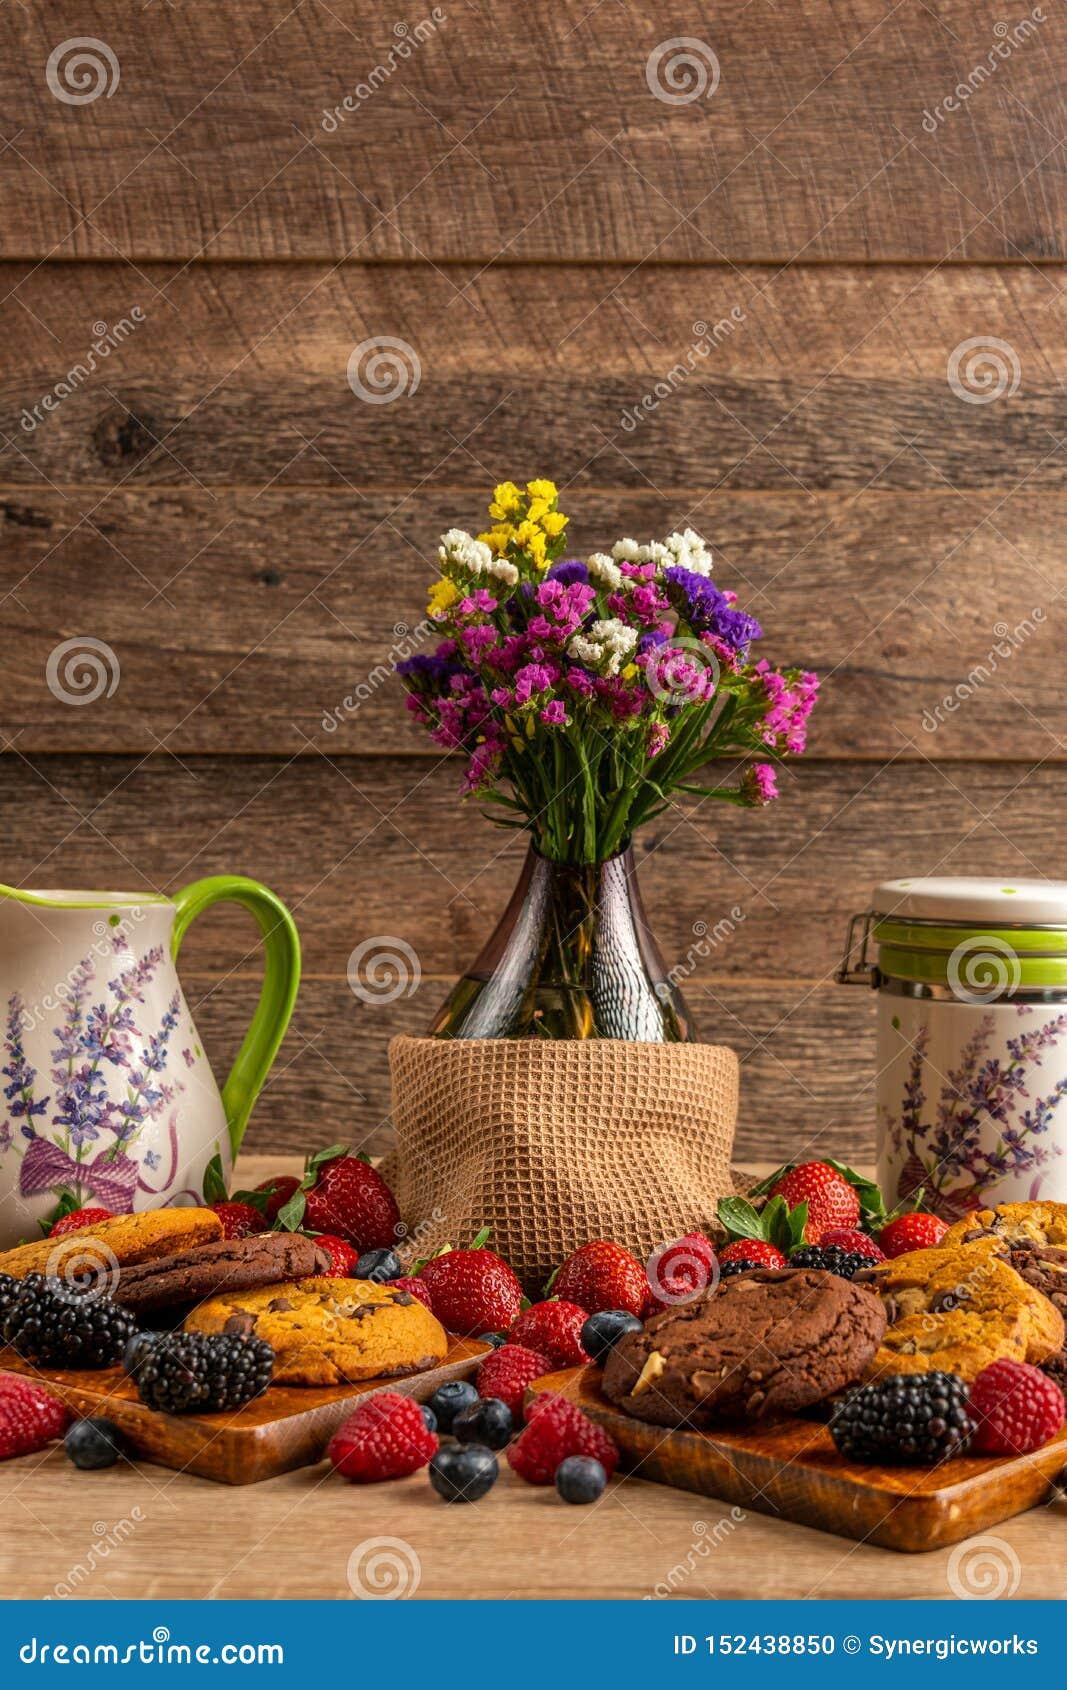 Ваза цветка, керамические сосуды с сортированным смешиванием диких плодов и печенья